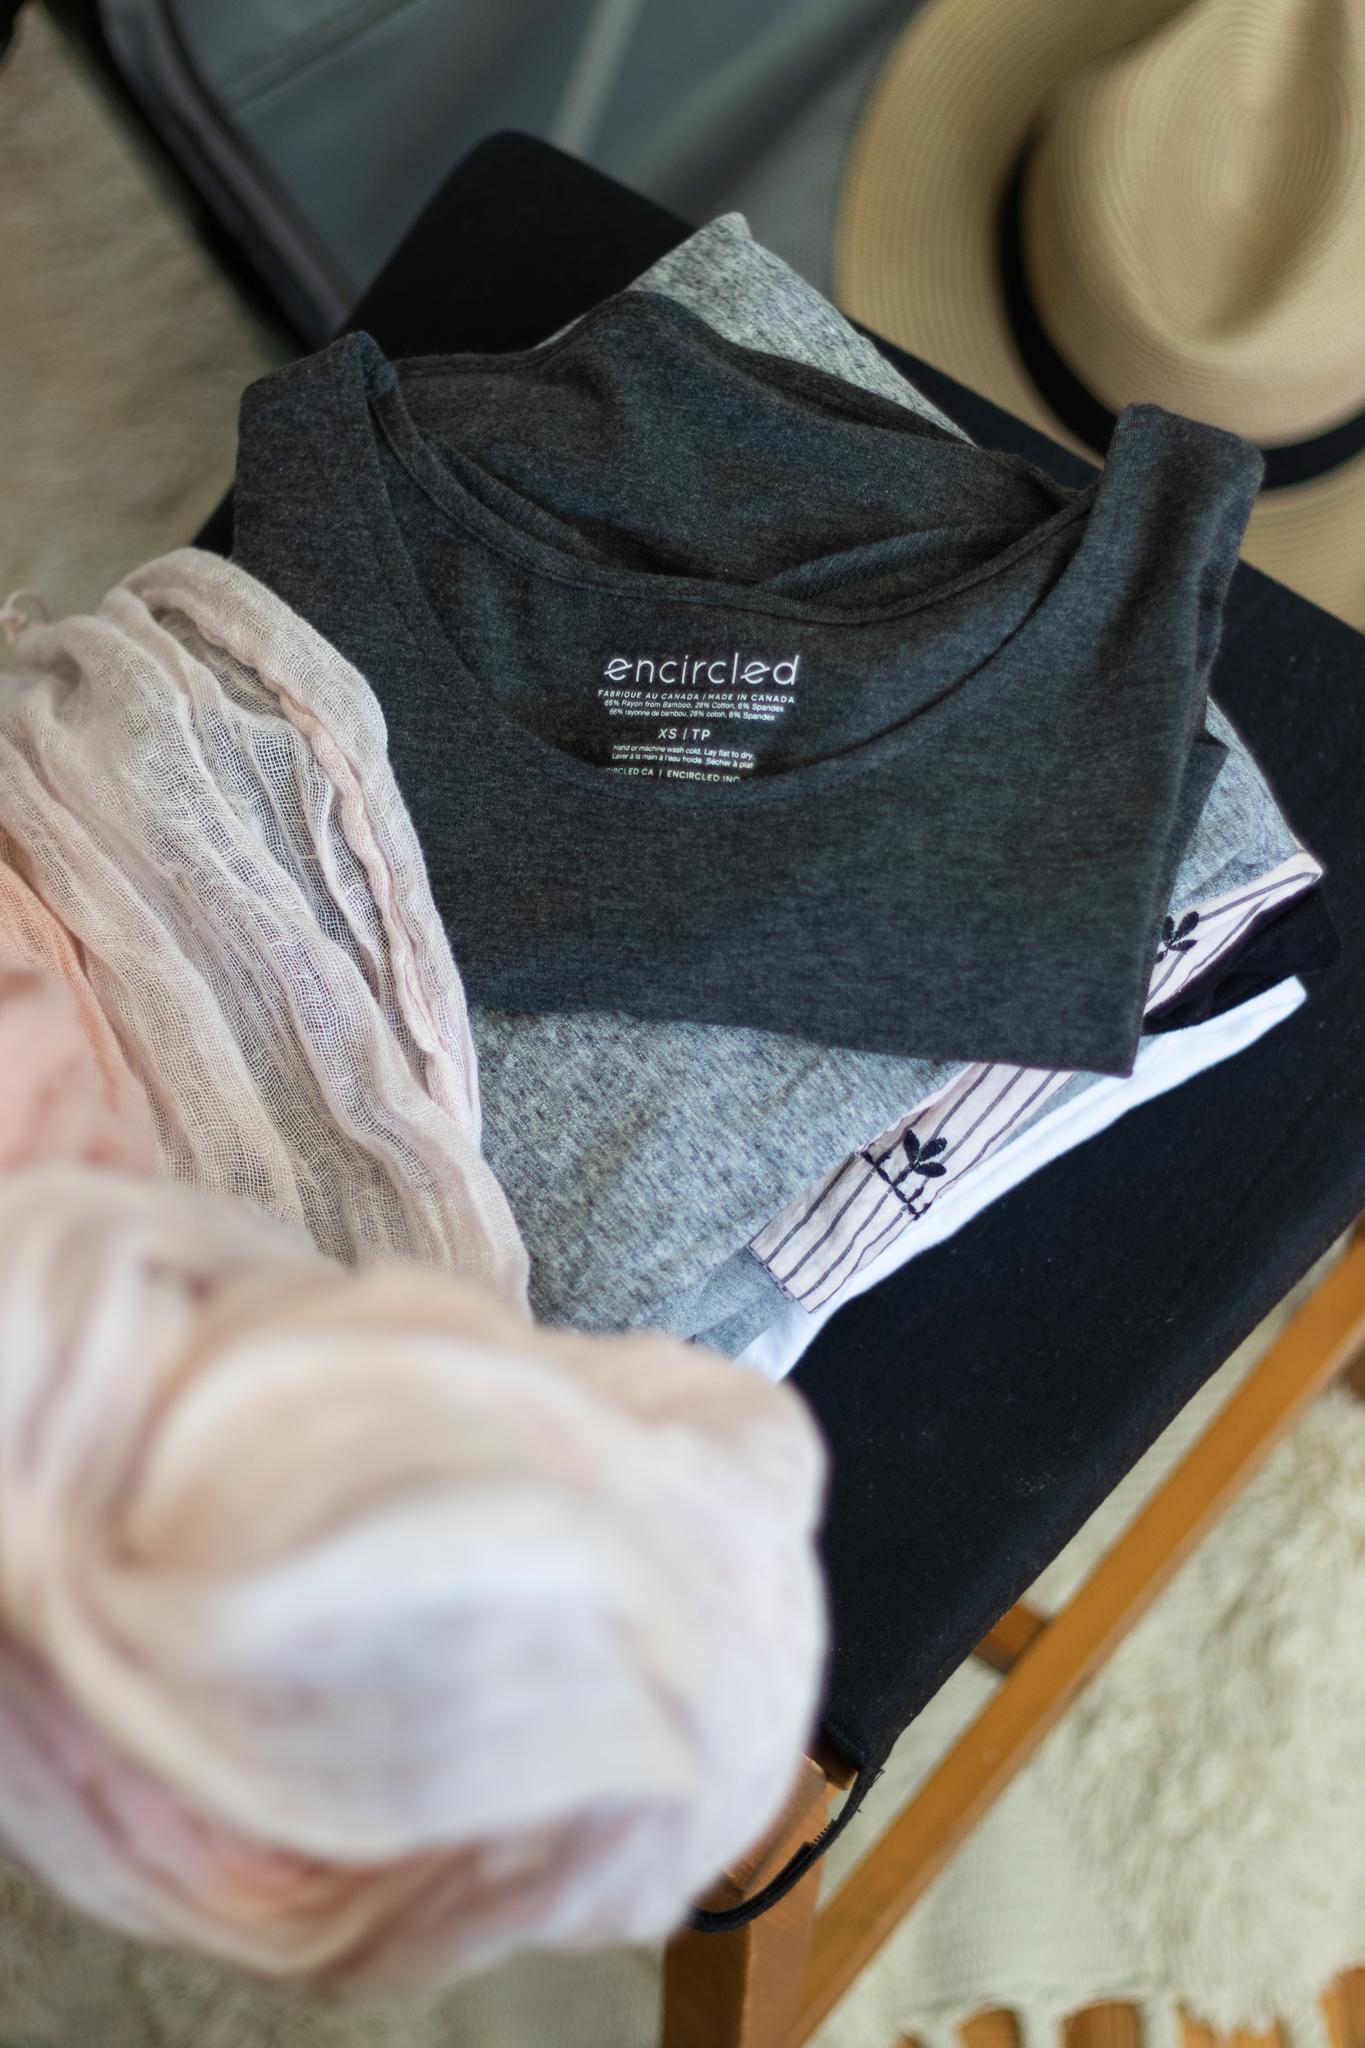 sustainable_travel_clothing-2.JPG